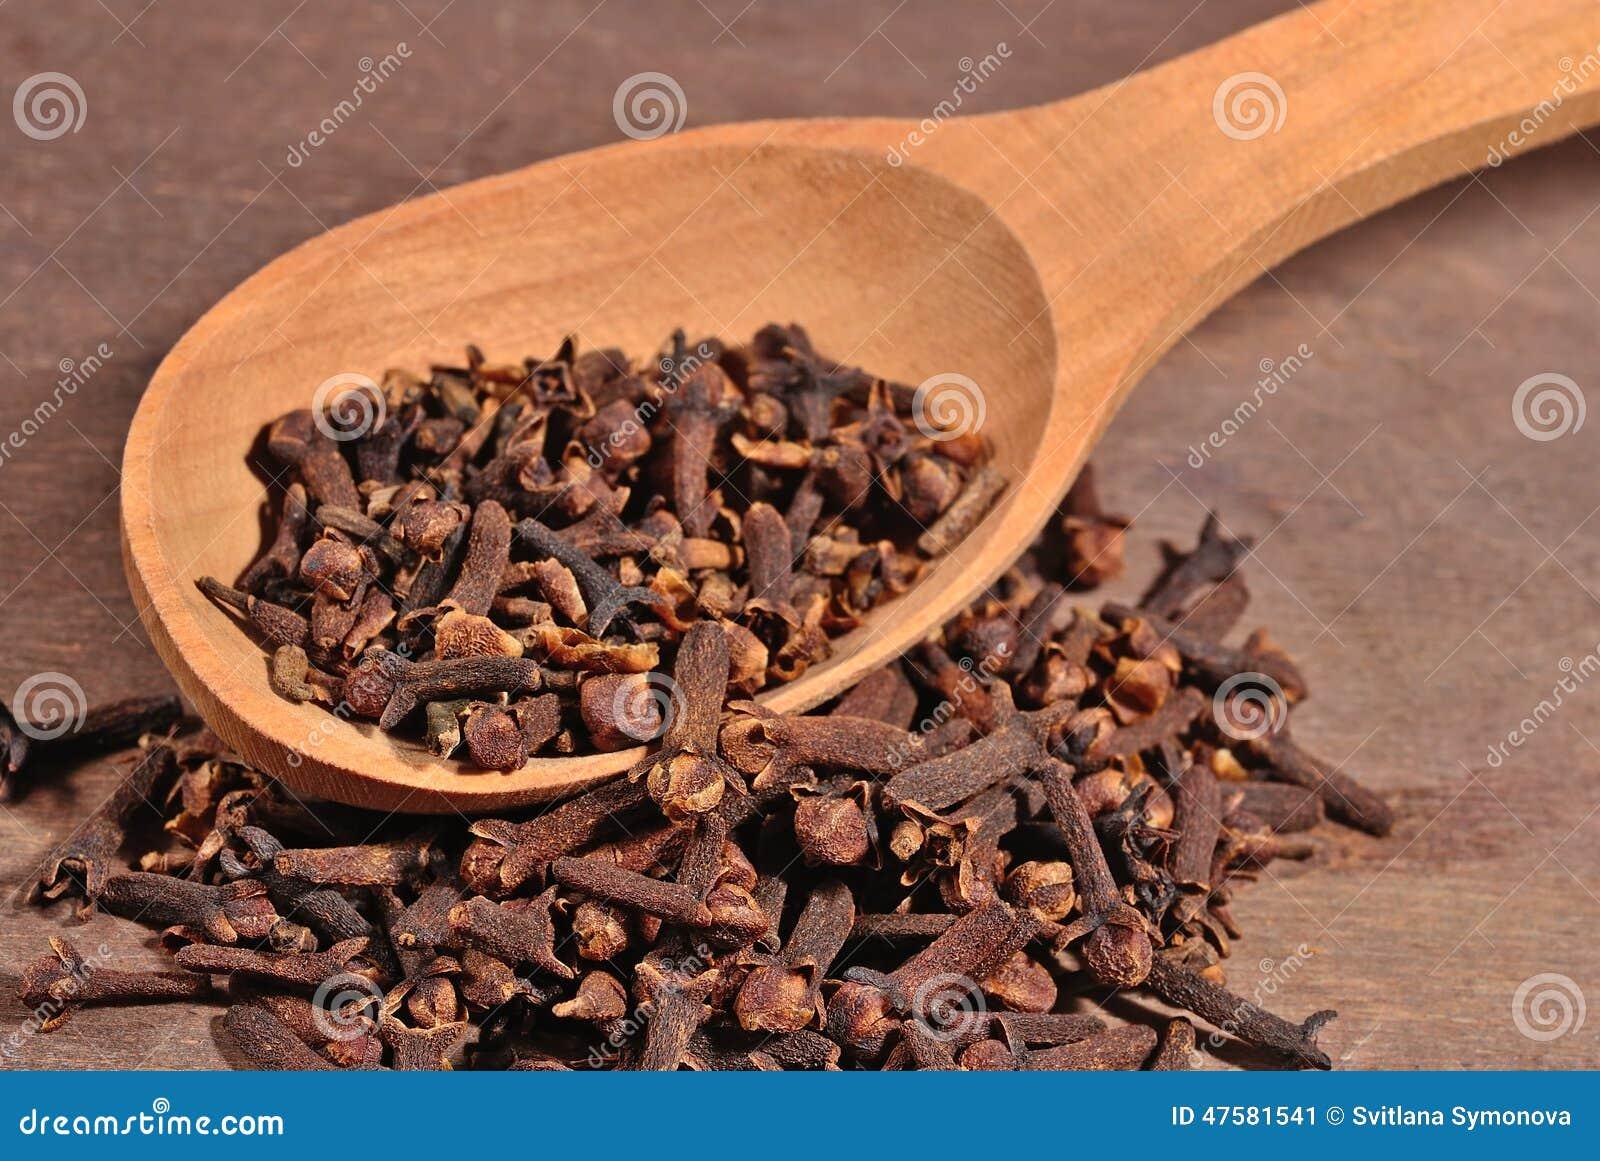 Torkad kryddnejlika i en sked